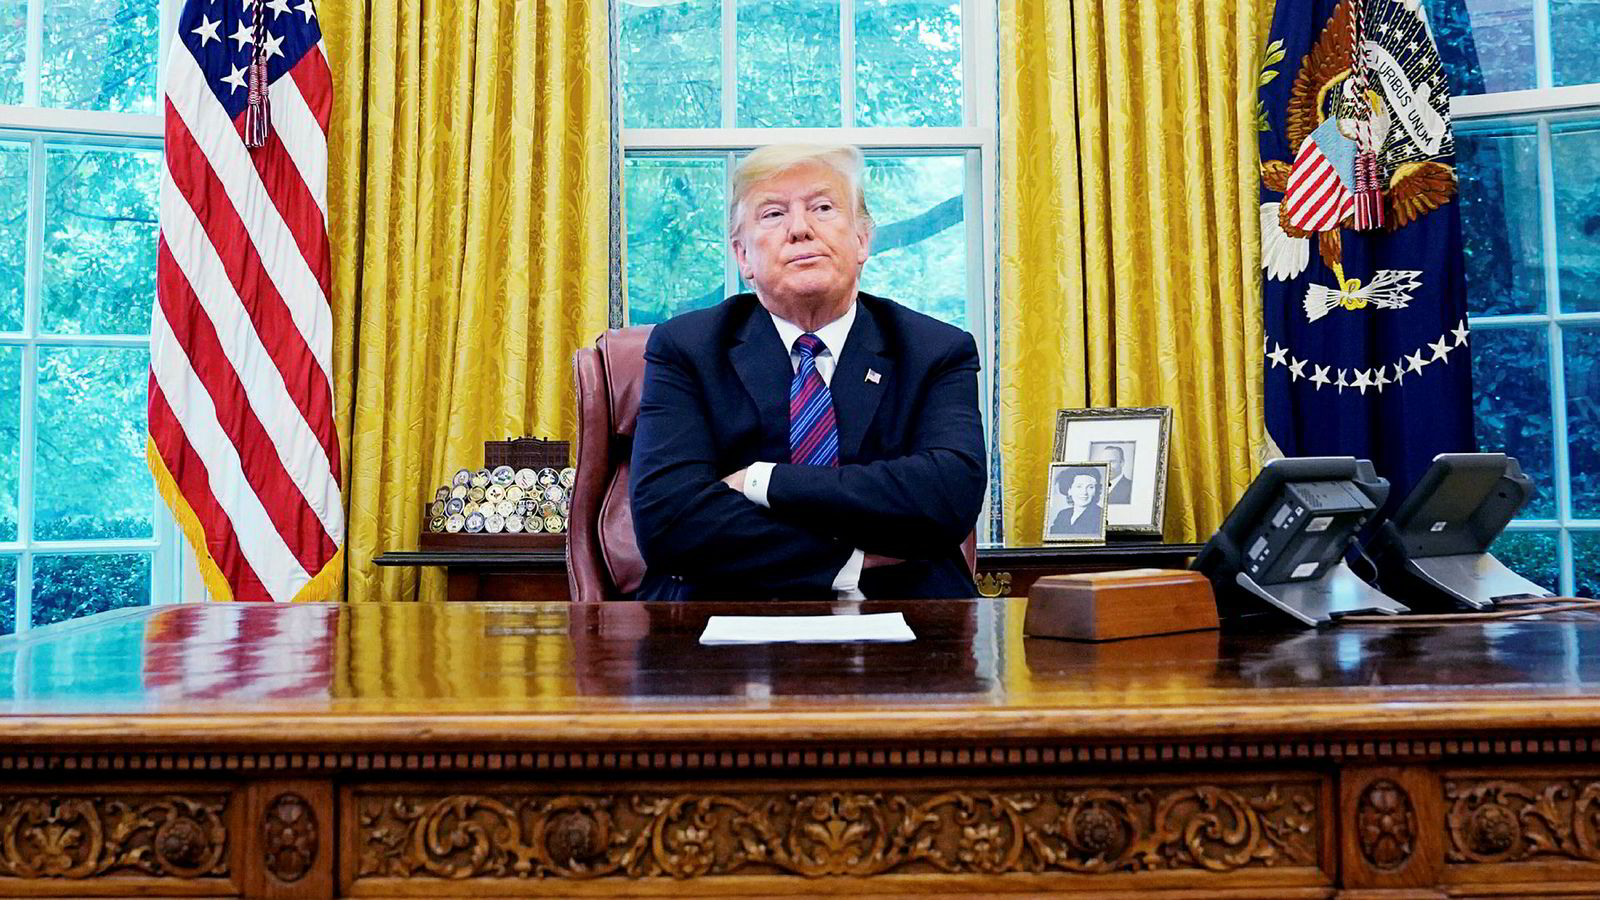 Frihandel er i det store og hele gunstig, men faktum er at ulikheten har tiltatt etter hvert som handelen er blitt friere. Her USAs presidenten Donald Trump i Det hvite hus i Washington.